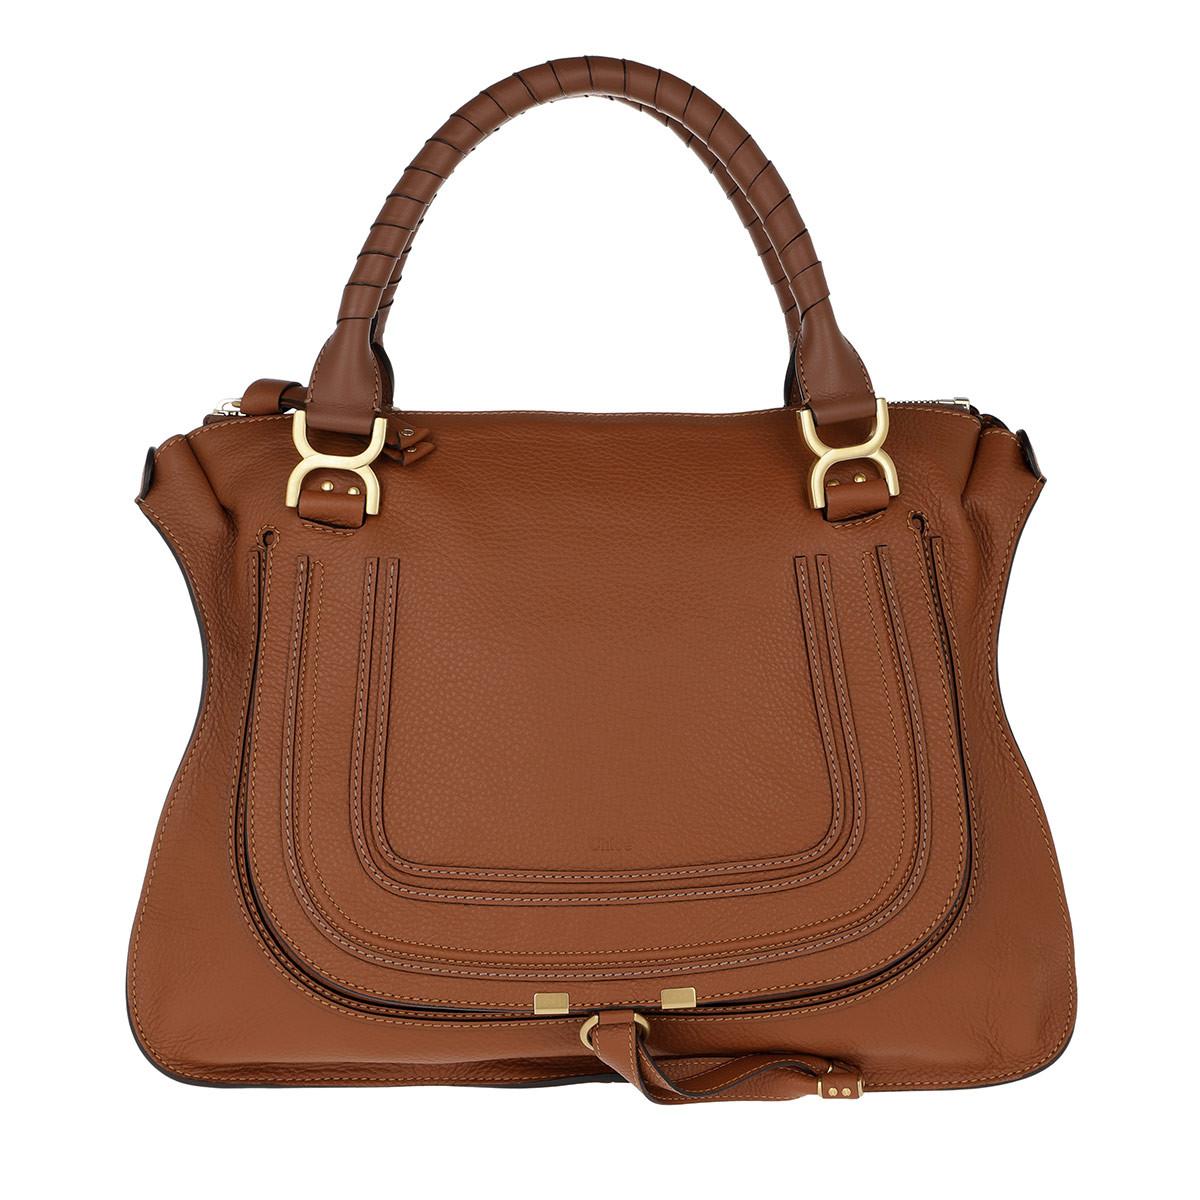 Chloé Satchel Bag - Marcie Large Porte Epaule Tan - in braun - für Damen